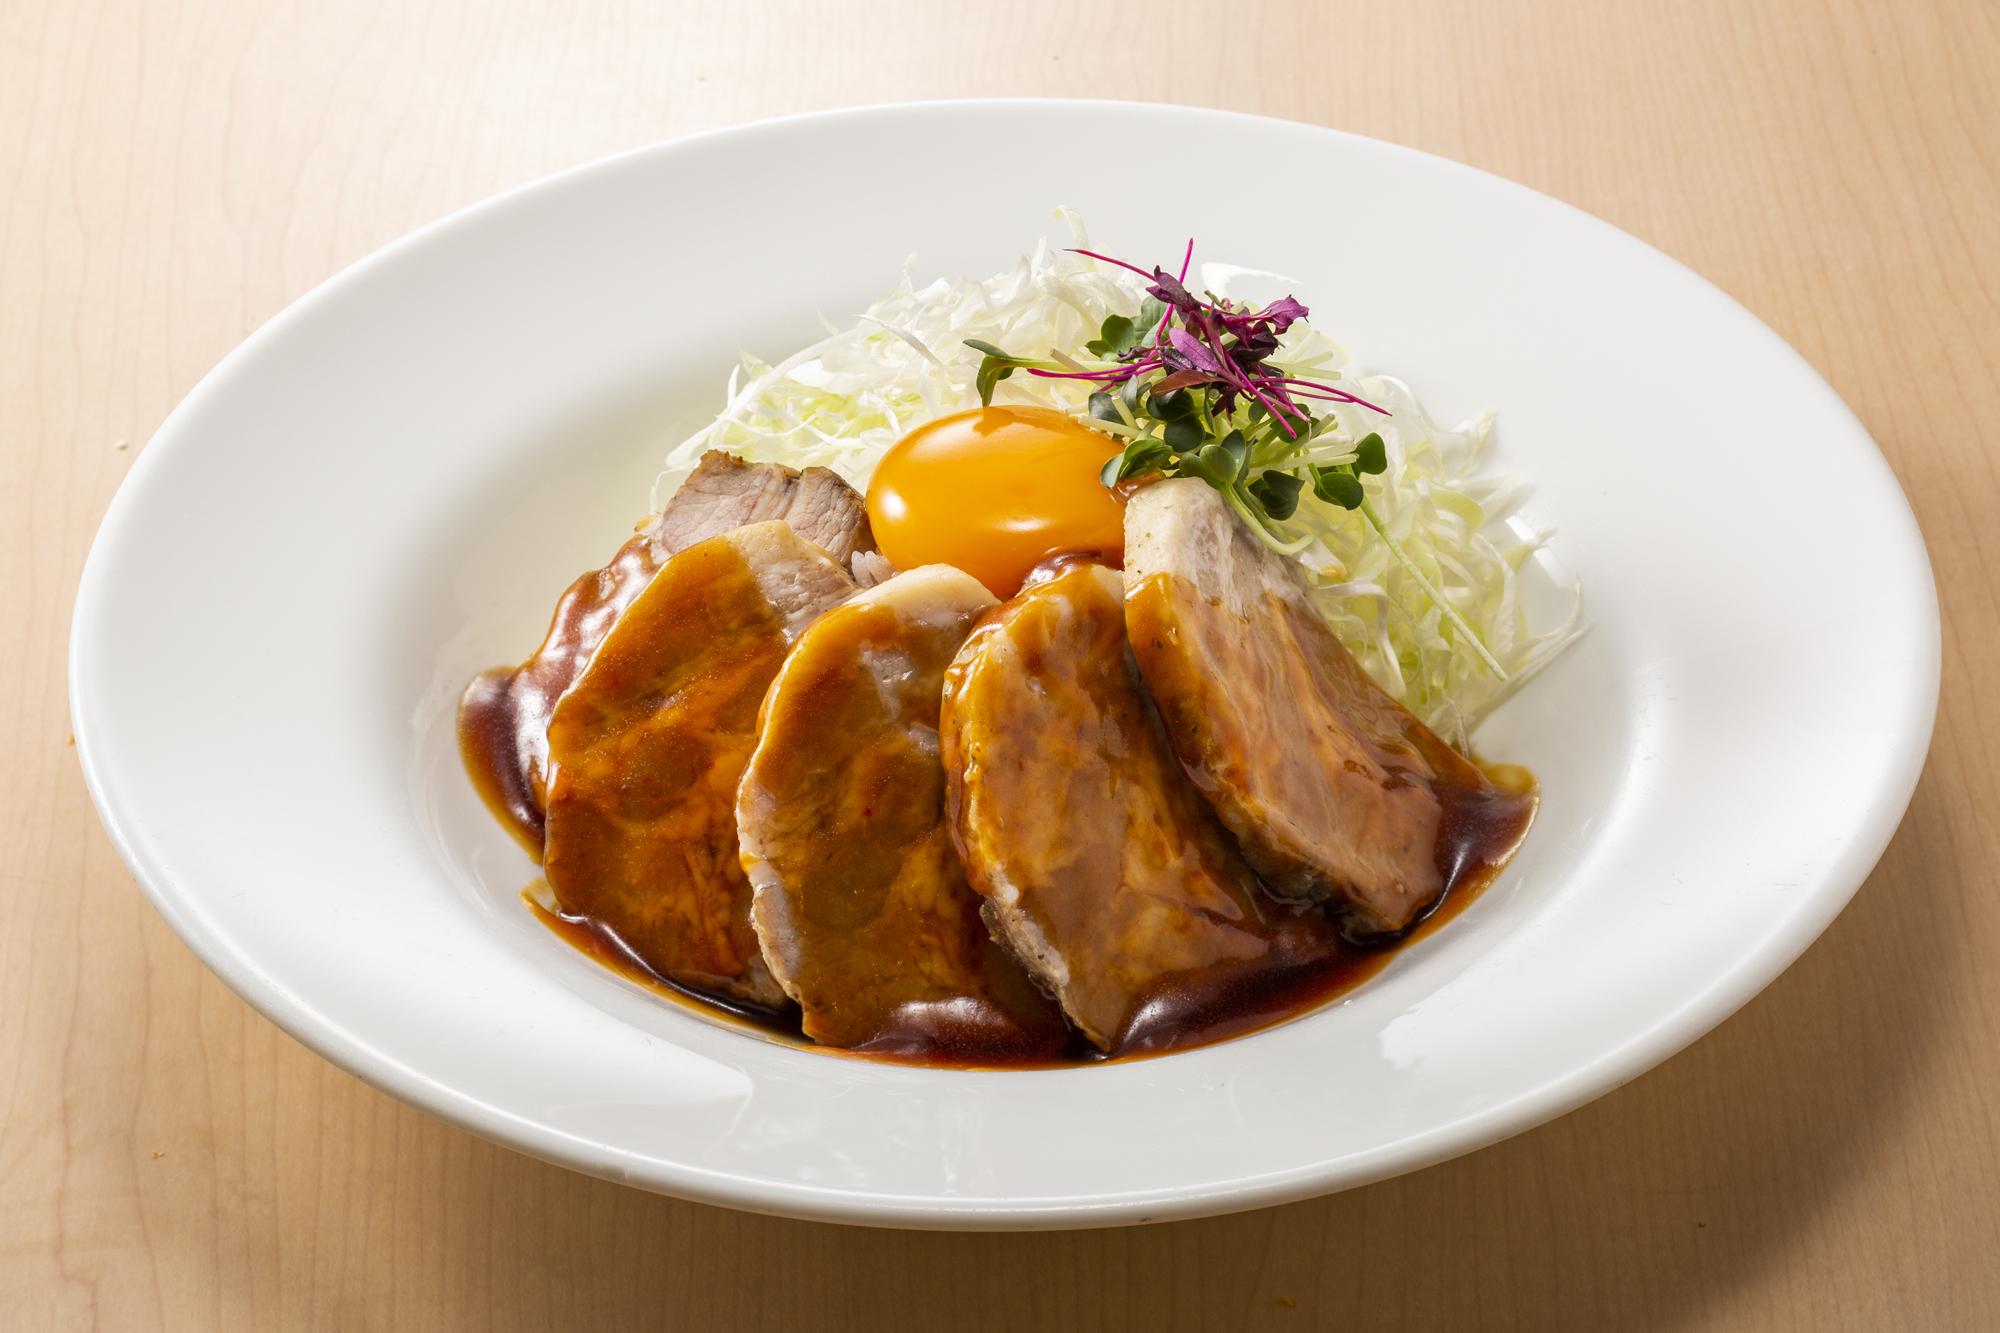 厚切りローストポーク丼~和風ピリ辛ソース~<br />スープ・ドリンク付